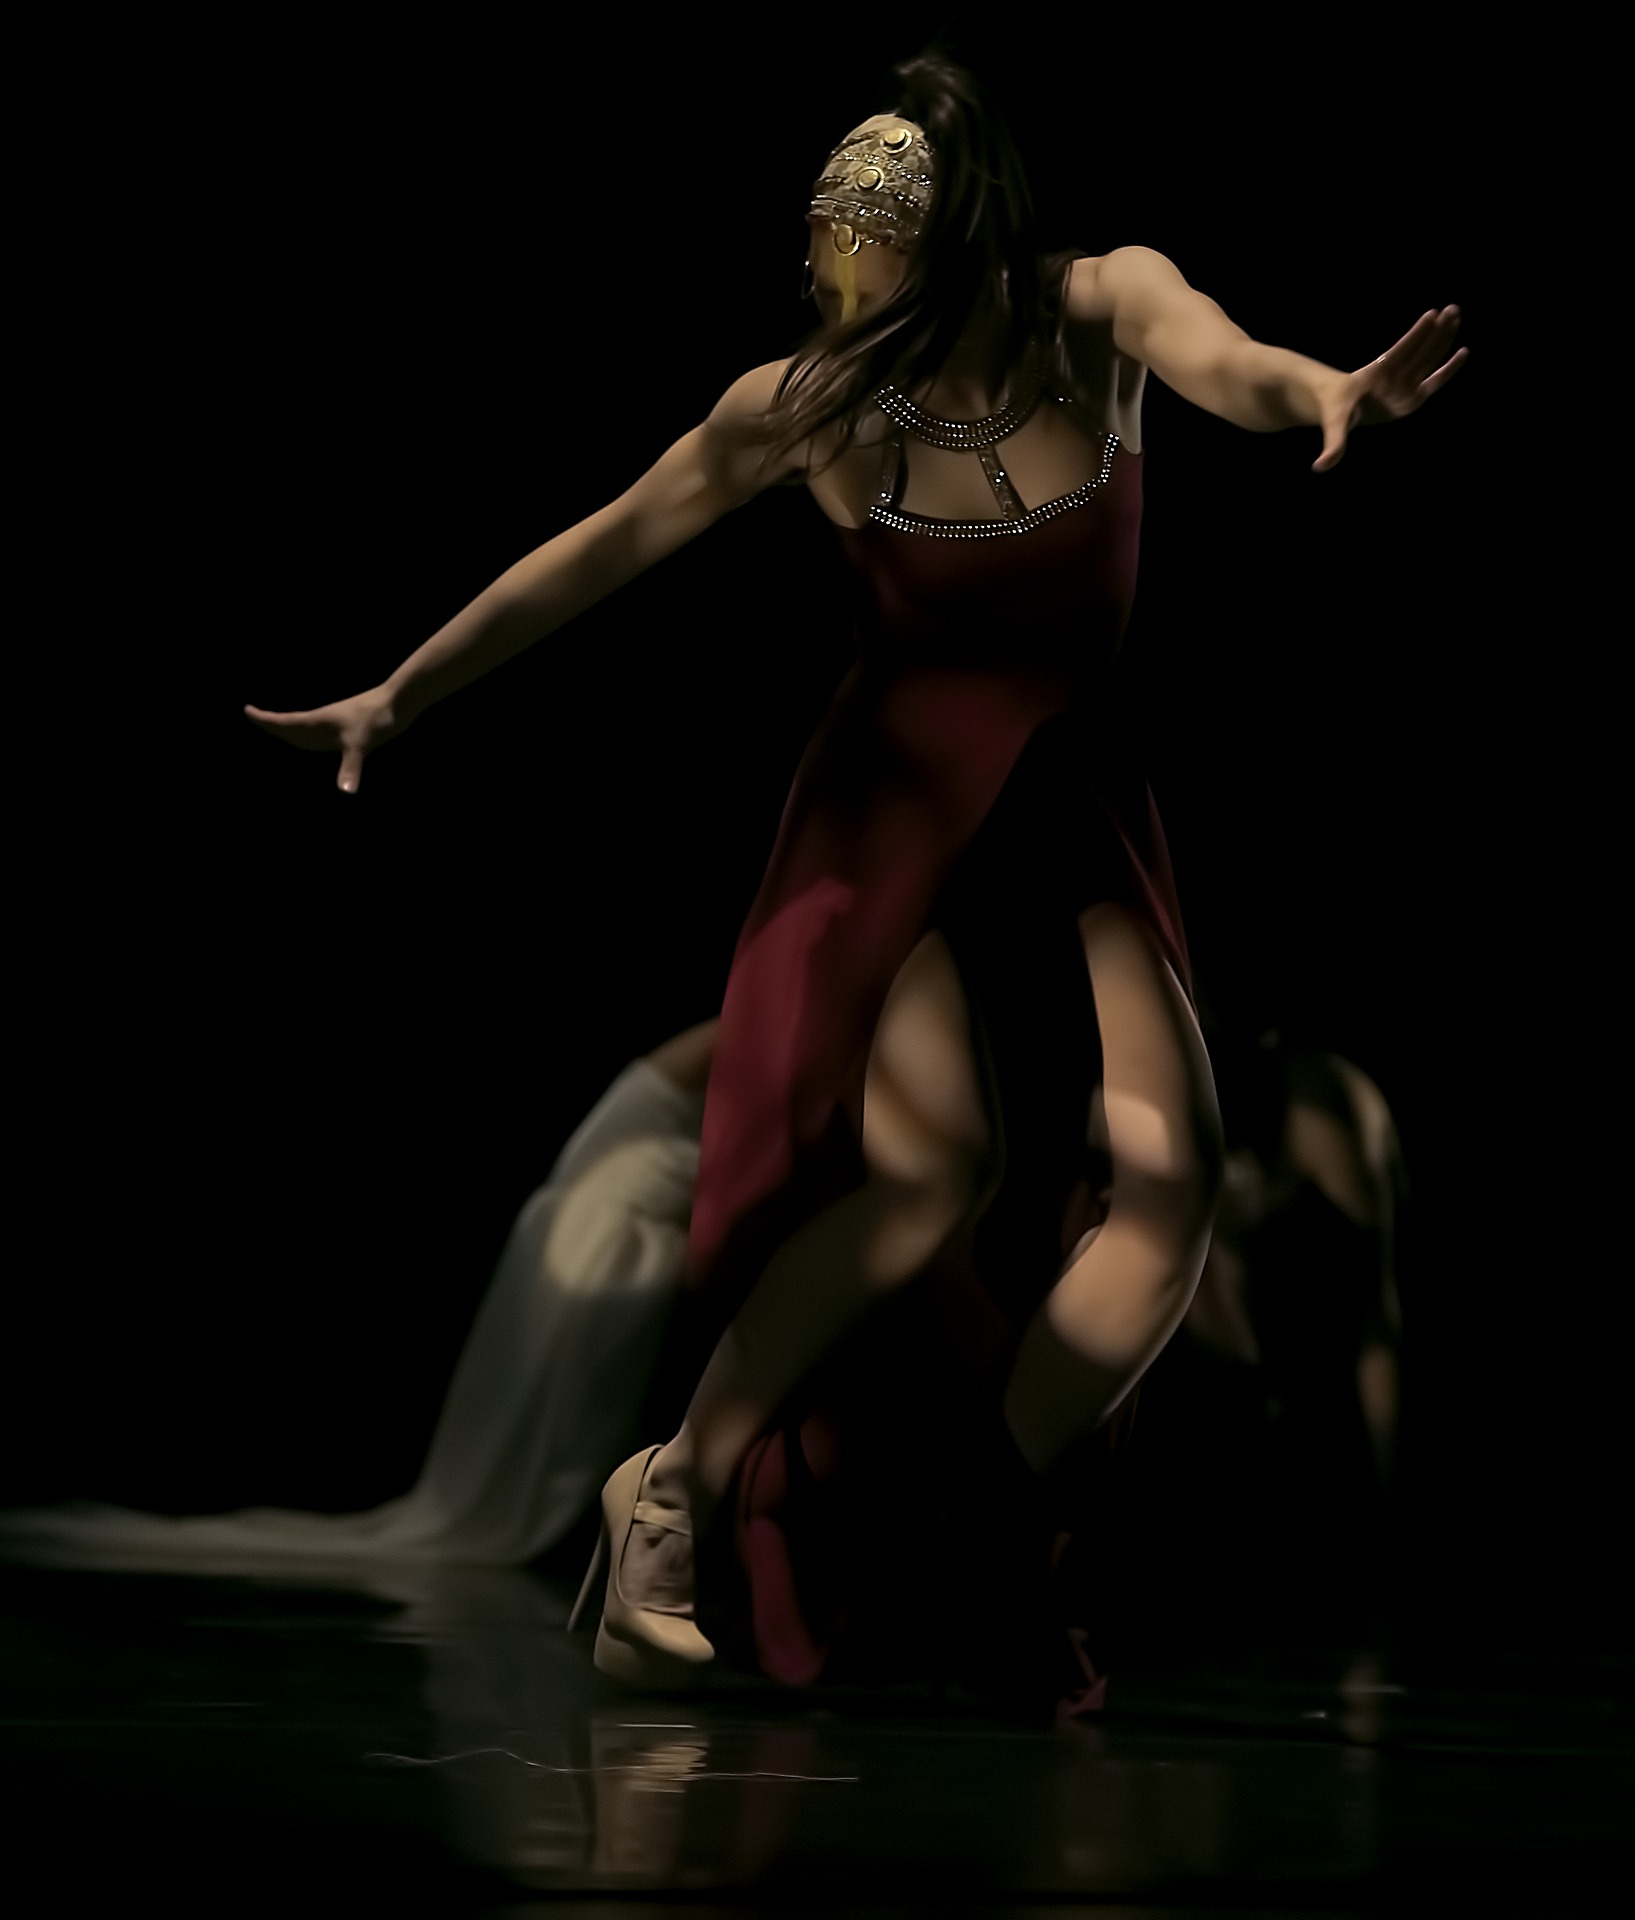 dancers-4291850_1920.jpg